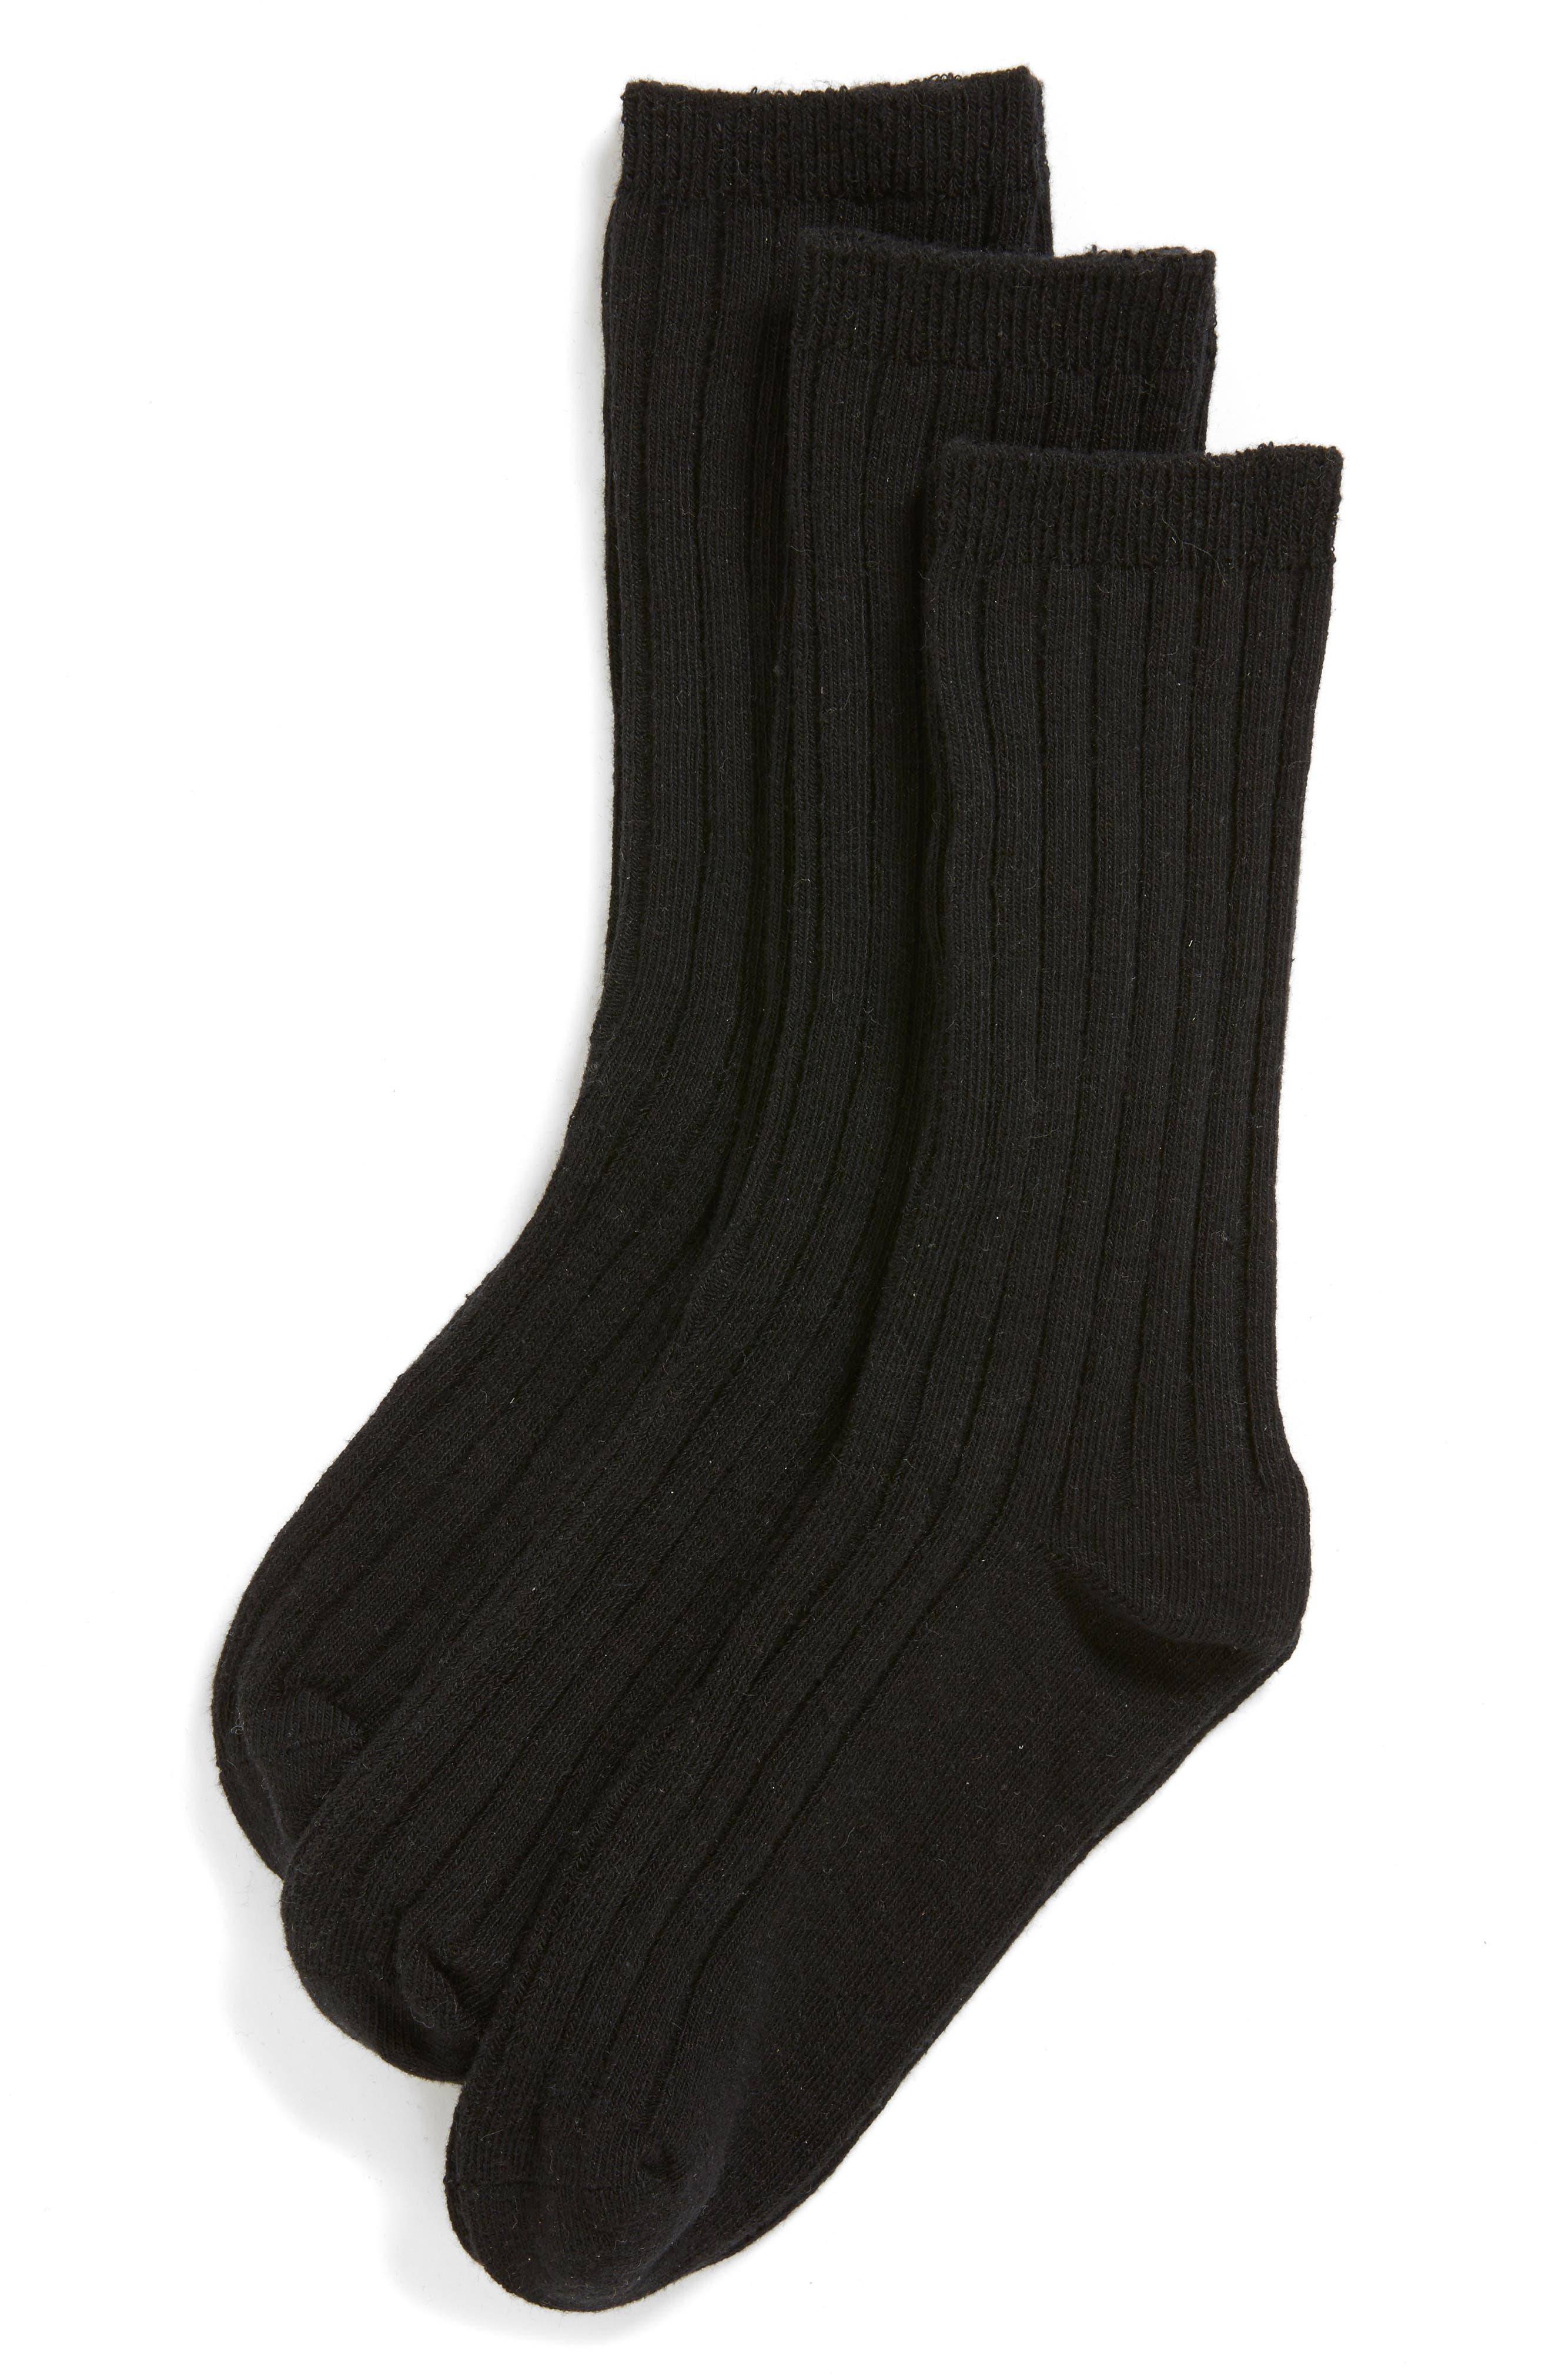 TUCKER + TATE, 3-Pack Dress Socks, Main thumbnail 1, color, BLACK